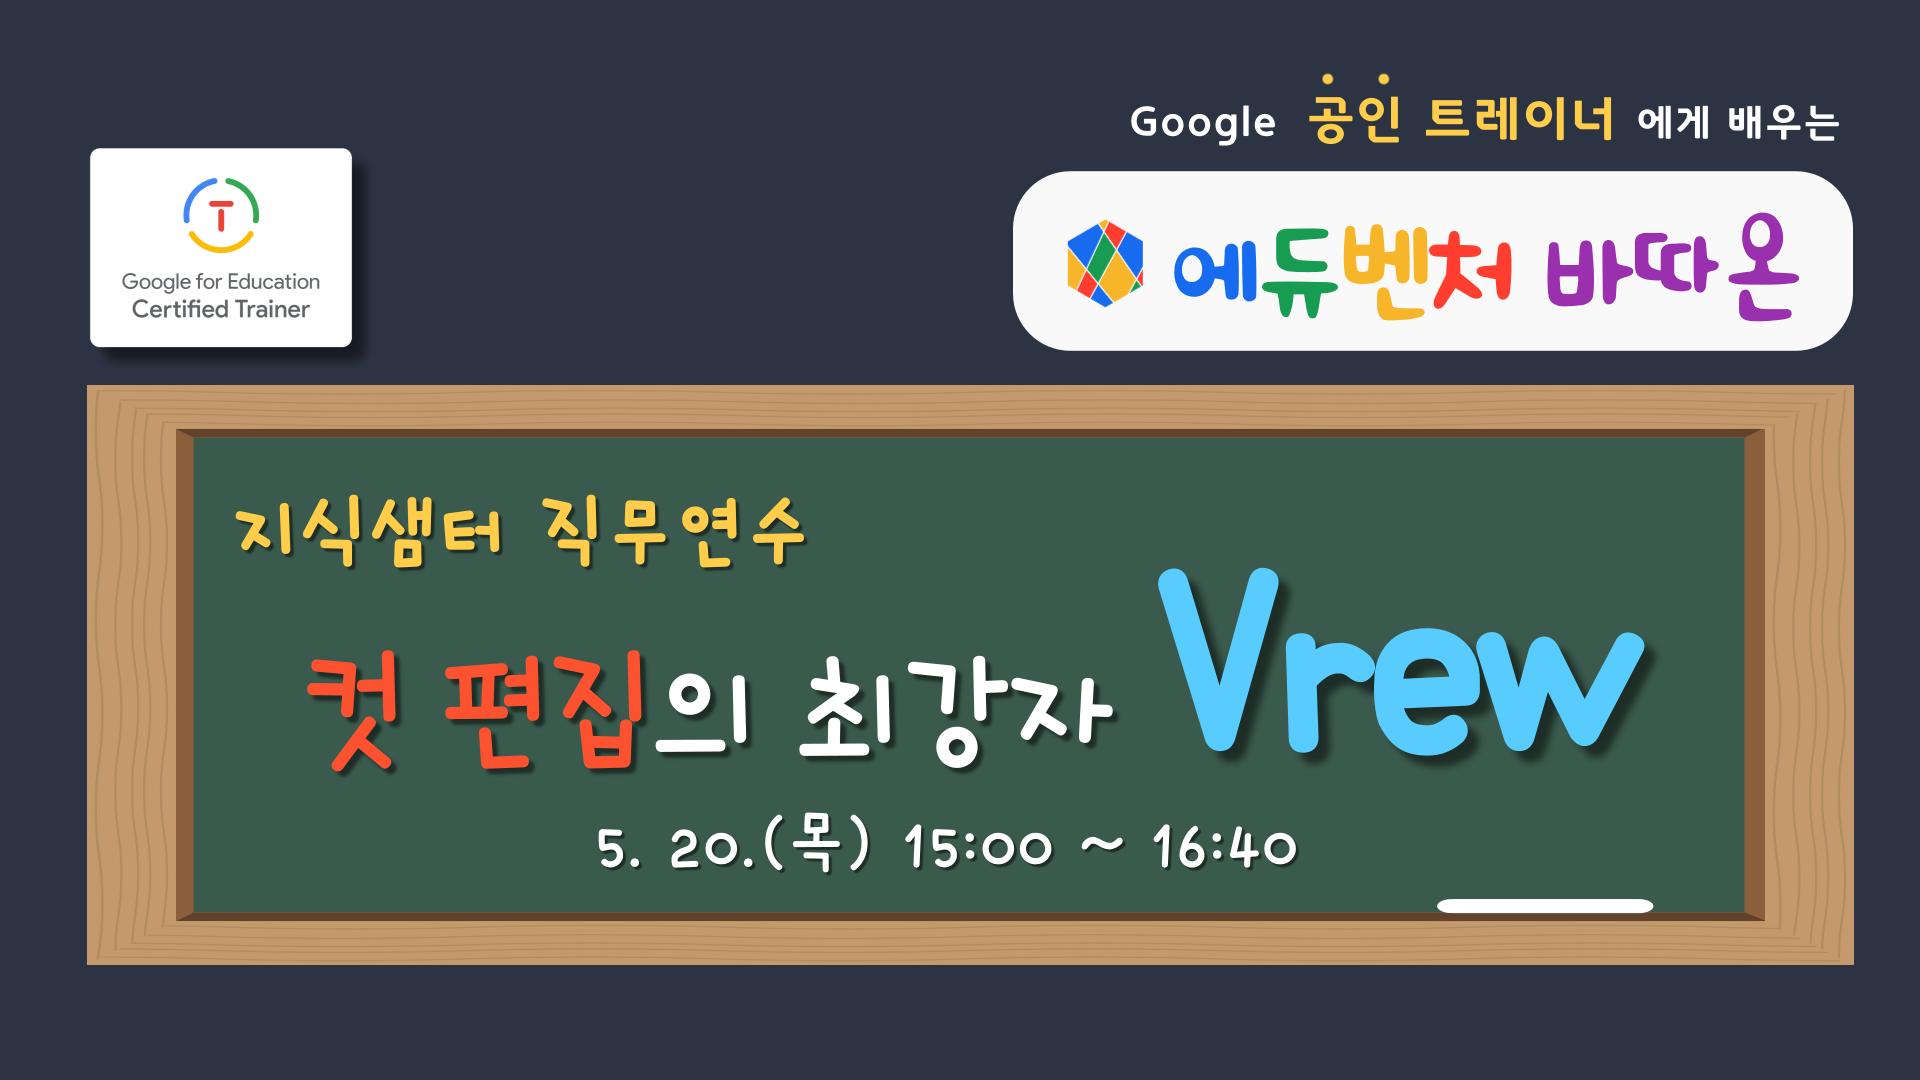 바따온 '컷 편집의 최강자 Vrew'